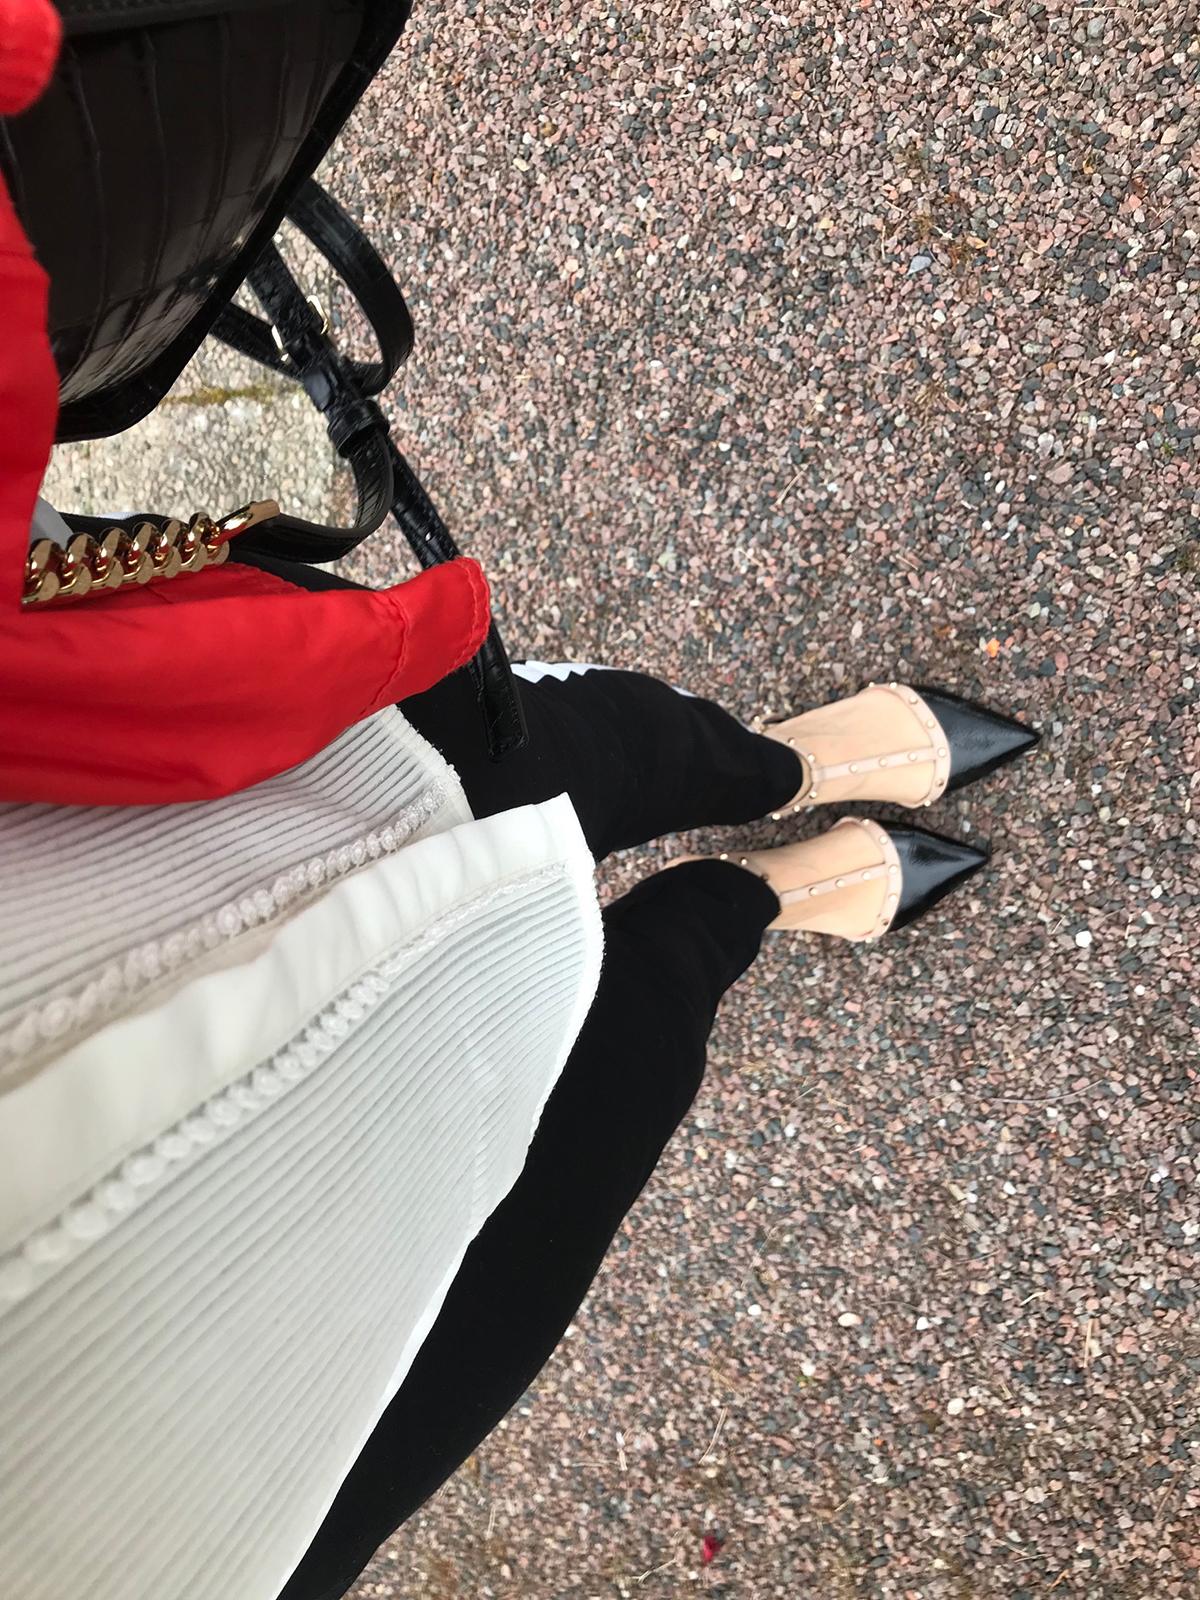 Här syns några av detaljerna från dagens outfit. Jag körde på svart och  vitt med röd jacka eftersom regnet hängde i luften när jag åkte. 181a9a2cd9c87